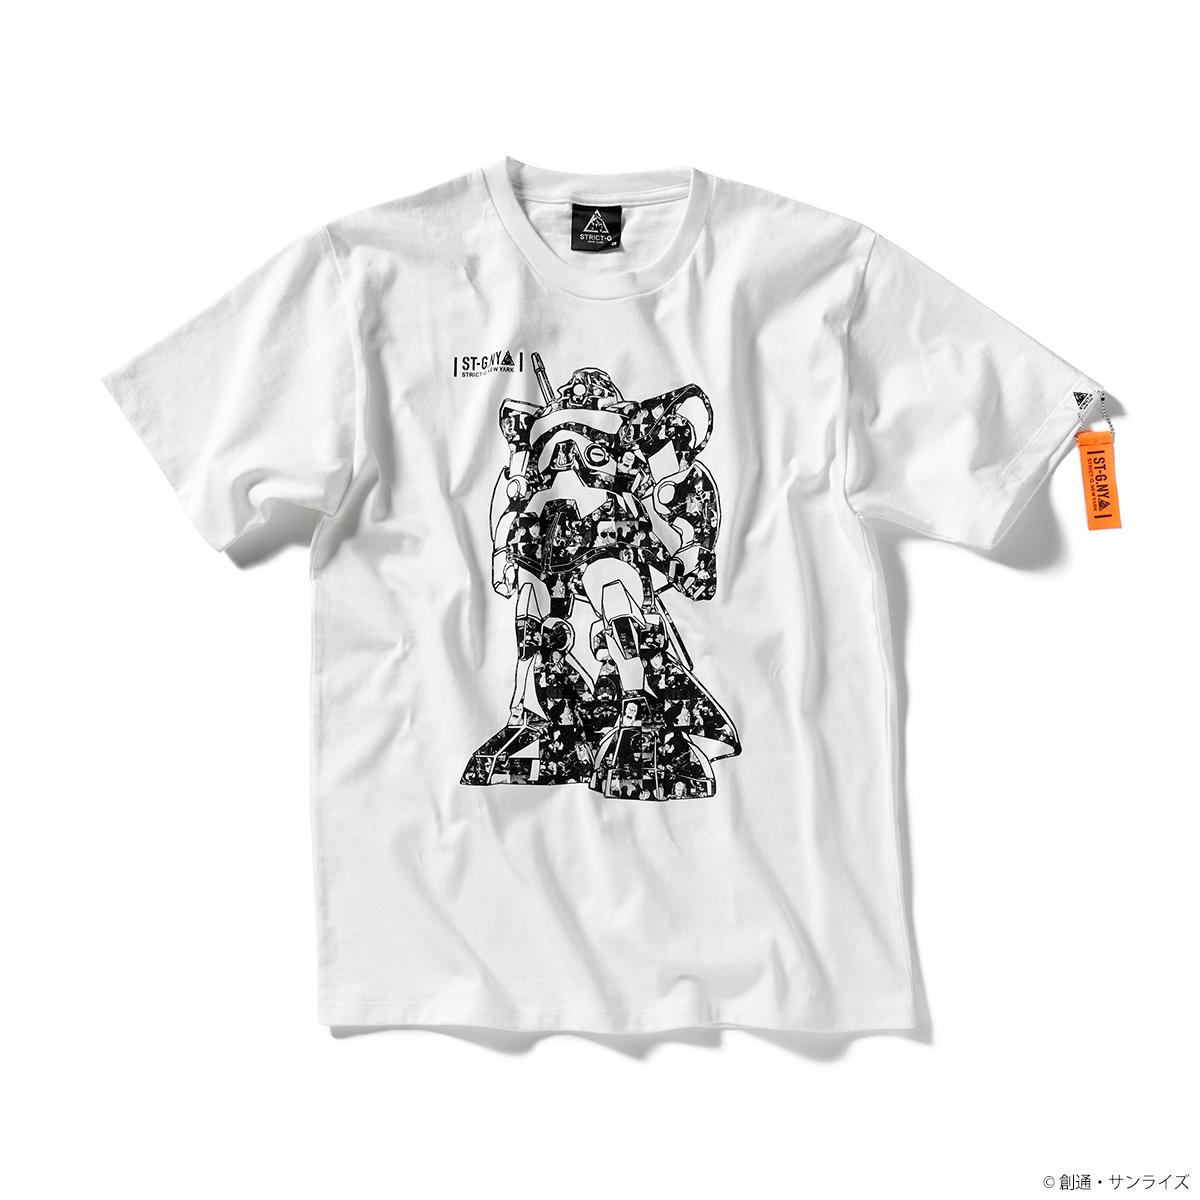 STRICT-G NEW YARK Tシャツ ドムコラージュ柄